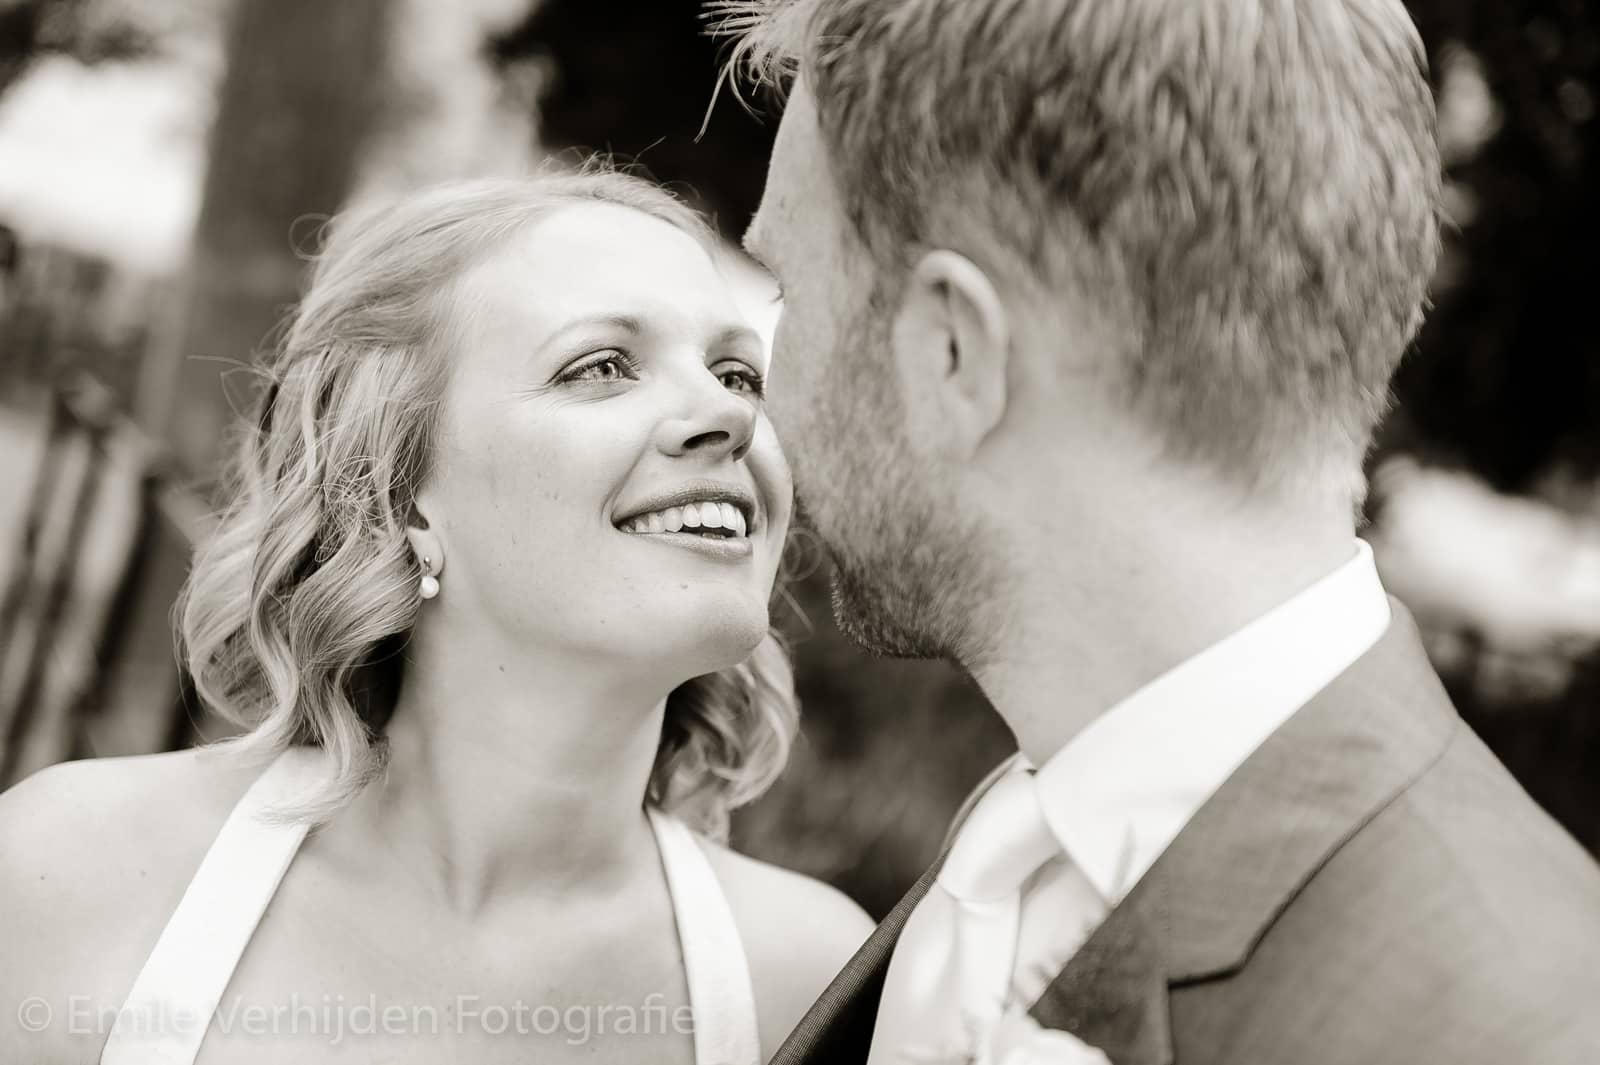 Bruid kijkt verliefd naar bruidegom